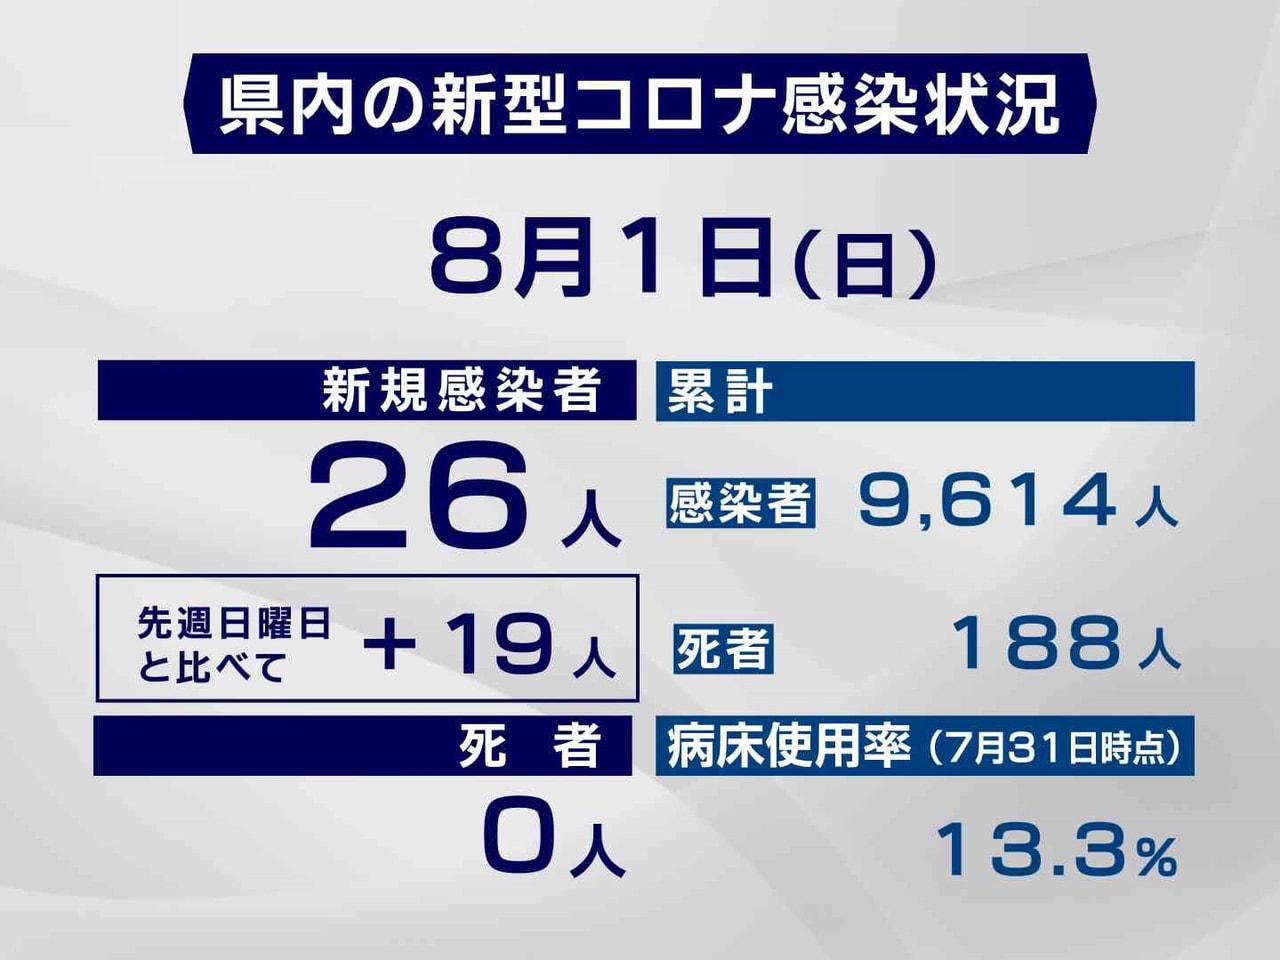 岐阜県と岐阜市は1日、新型コロナウイルスの感染者が新たに26人確認されたと発表し...